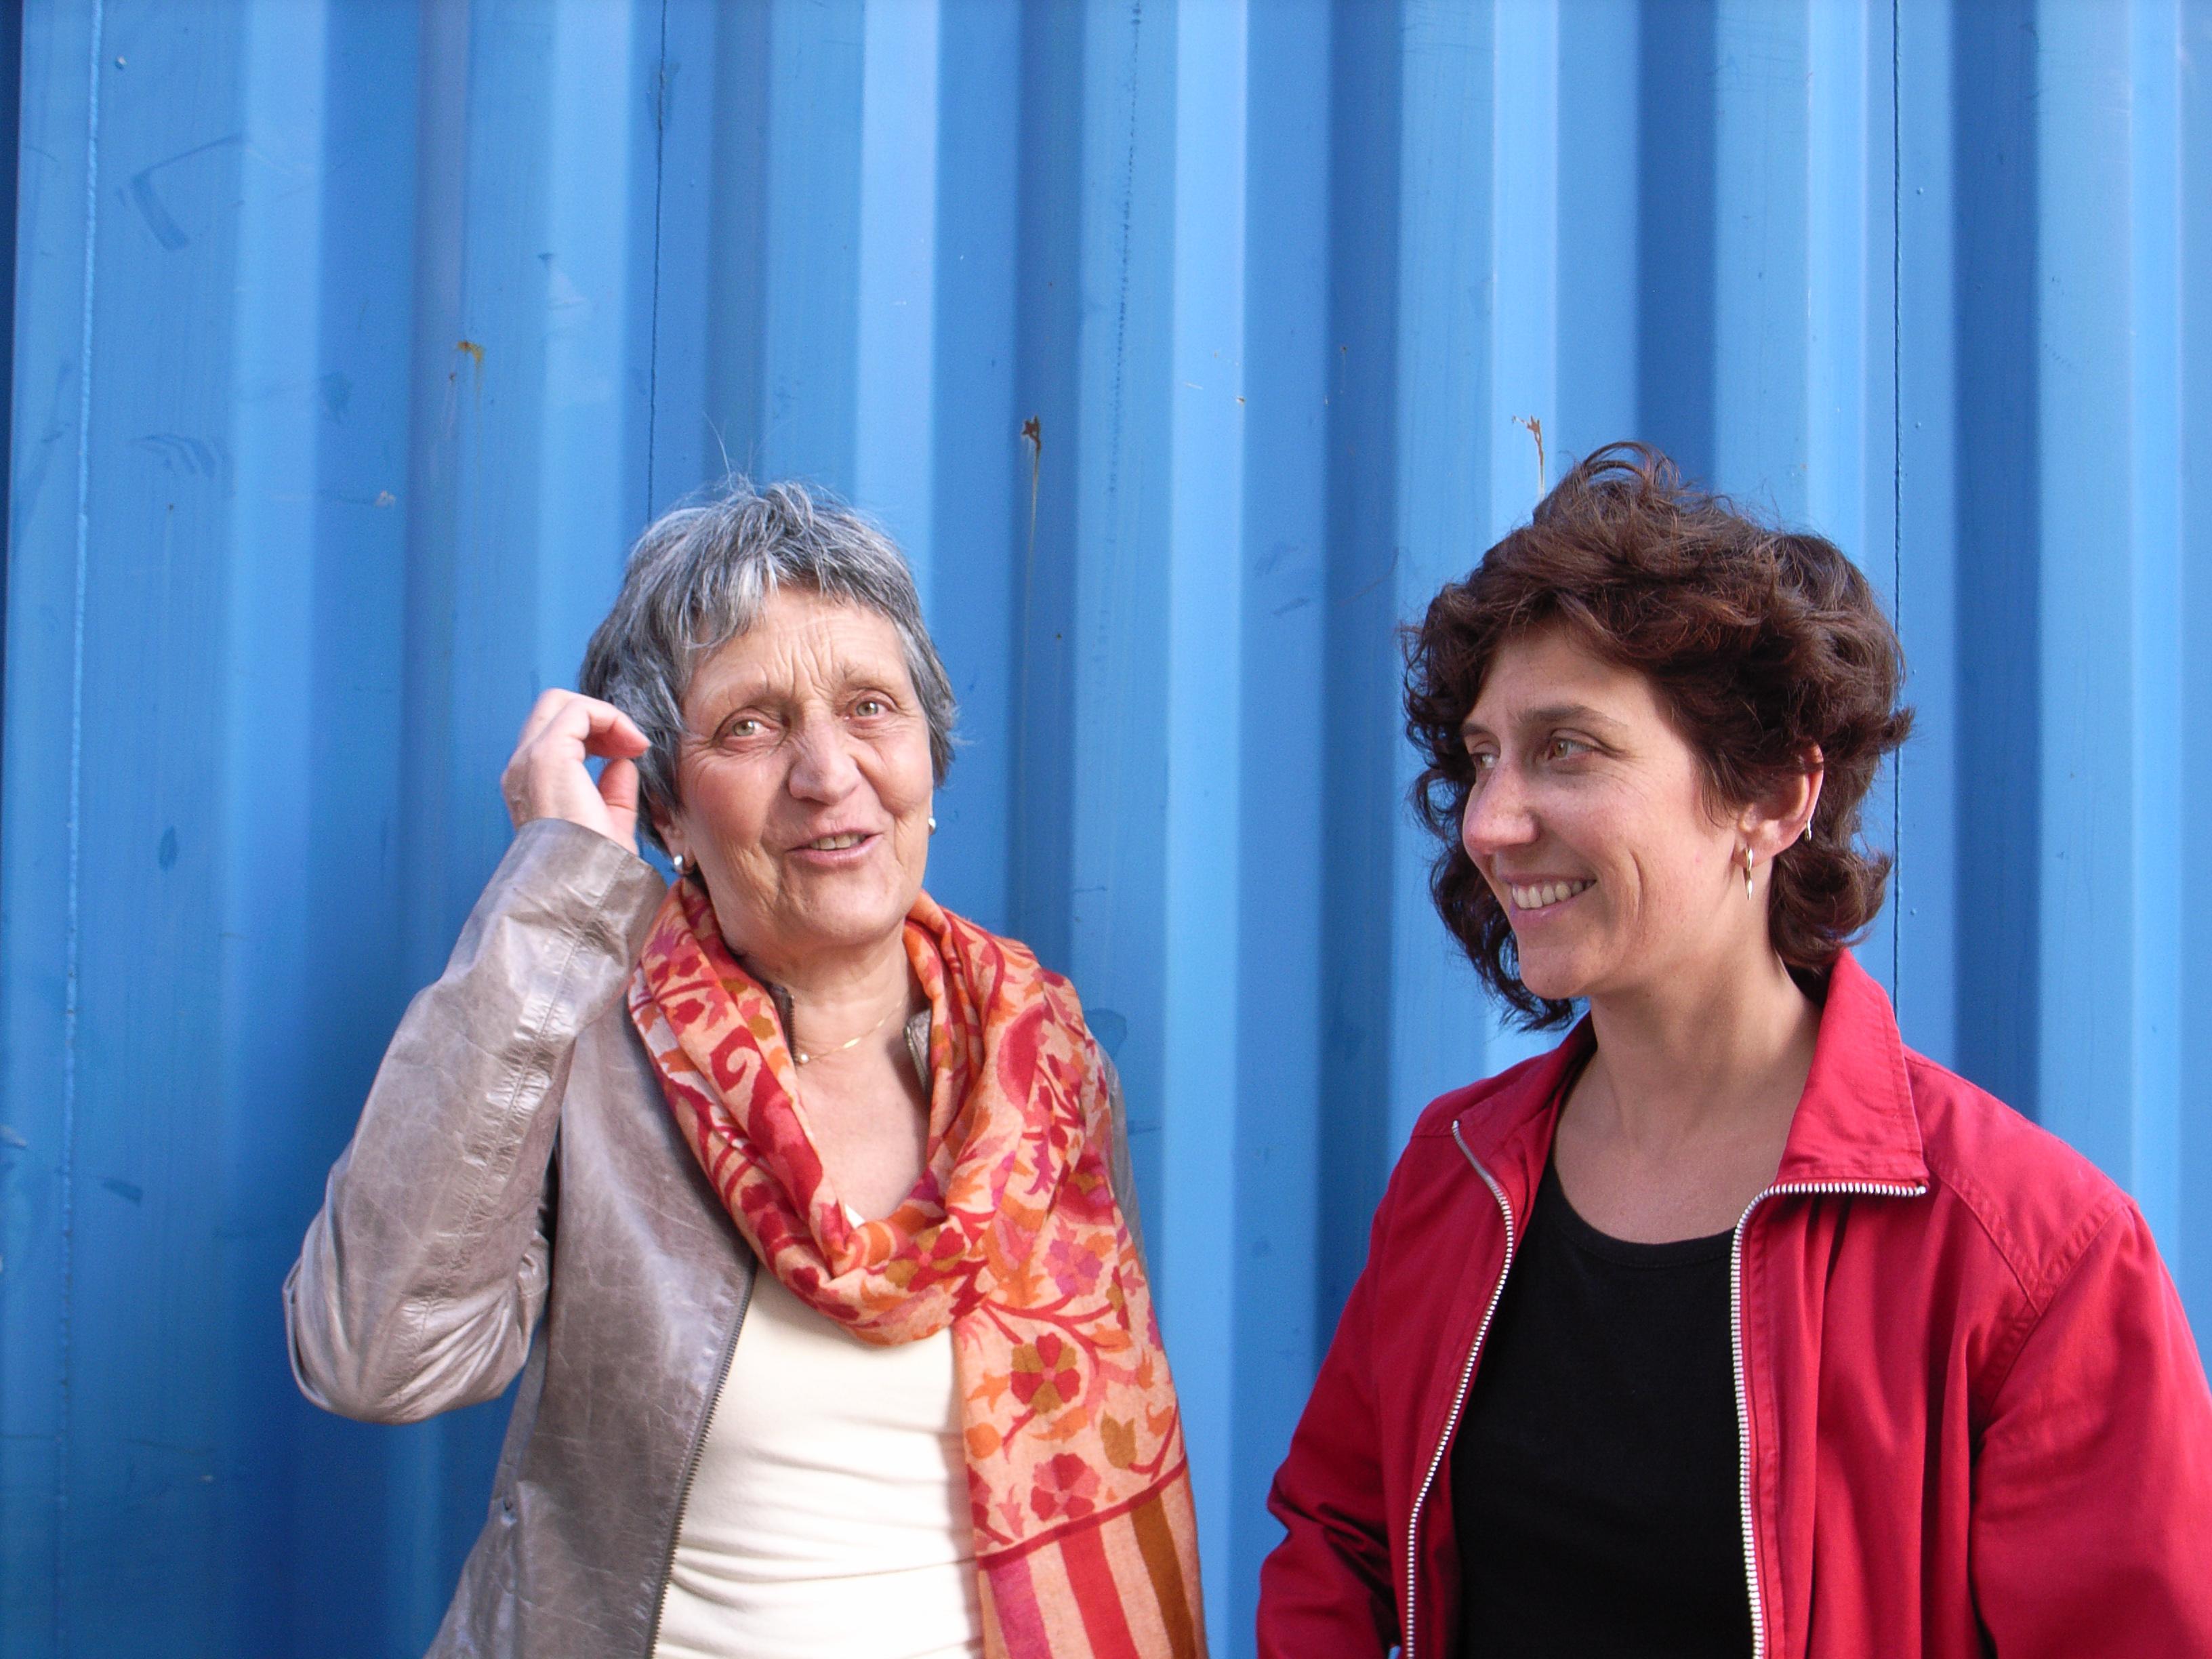 Catherine Froidevaux: initiatrice du projet Jeux Coopératifs et formatrice et Carole-lyne Klay :project manager, formatrice, animatrice, chargée de communication, community manager, webmaster  Jeux Coopératifs